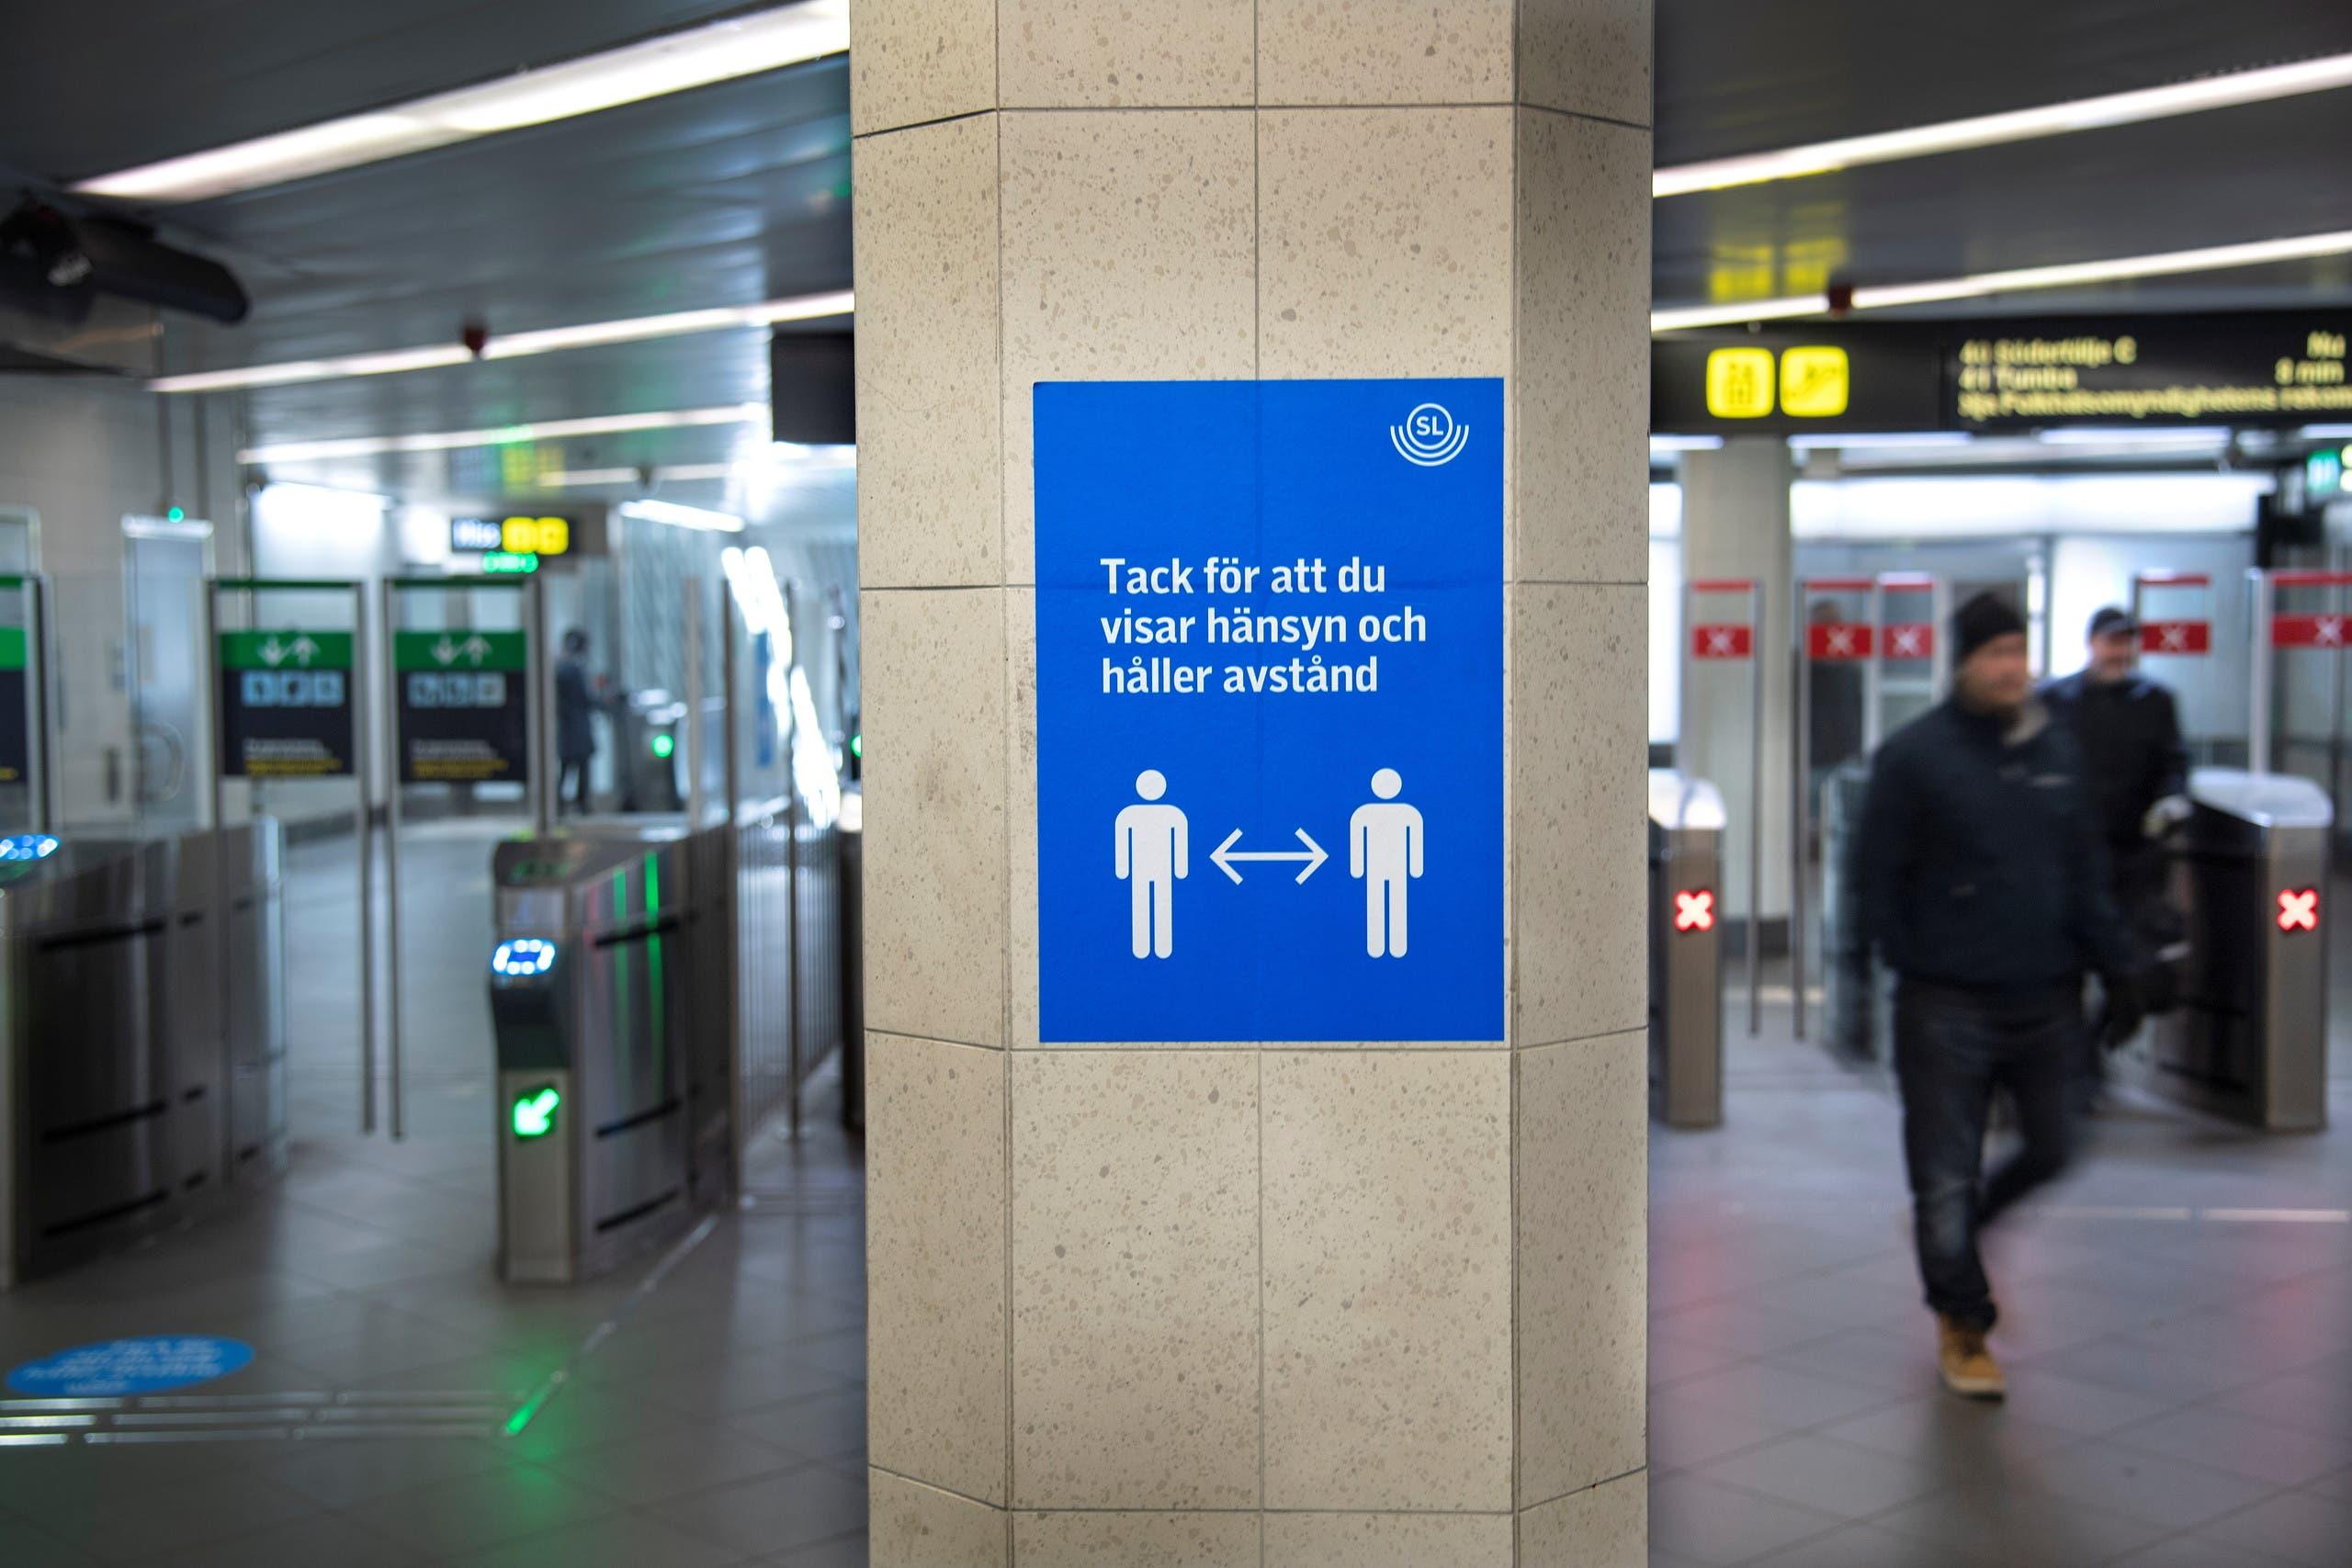 ملصق يحث على احترام التباعد الاجتماعي في وسائل النقل العام في السويد